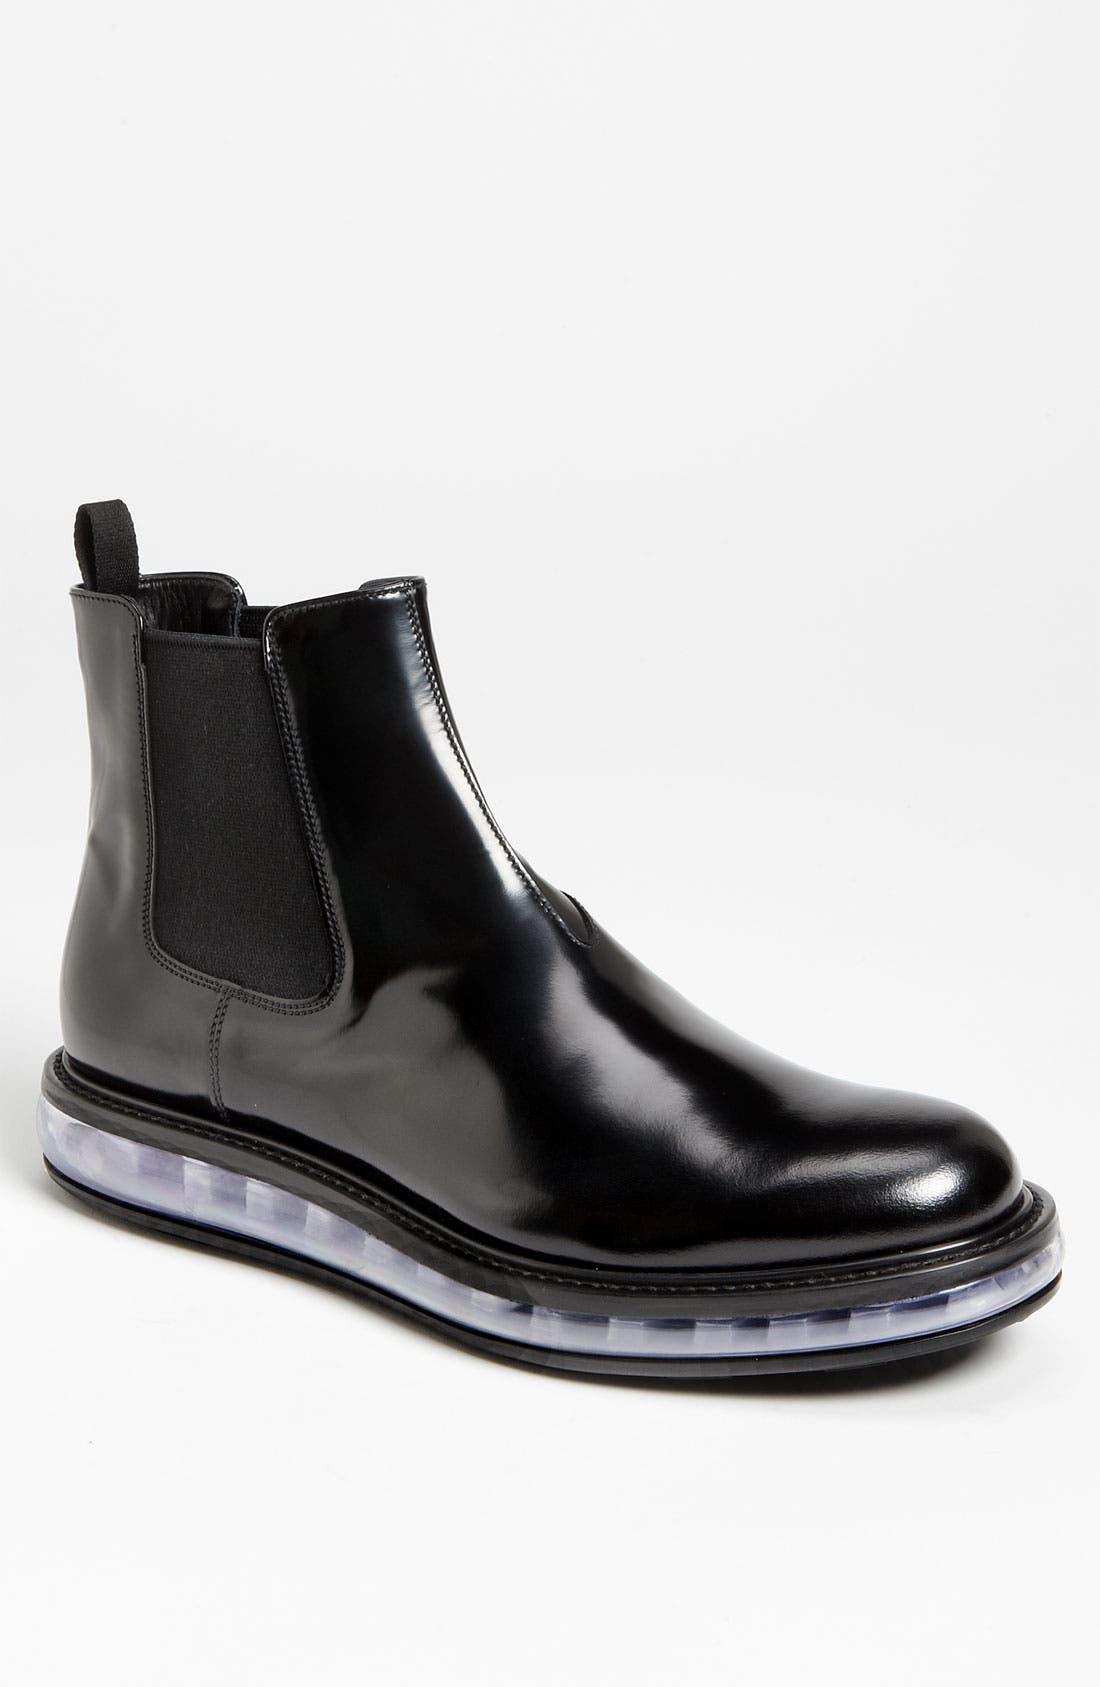 Alternate Image 1 Selected - Prada 'Levitate' Chelsea Boot